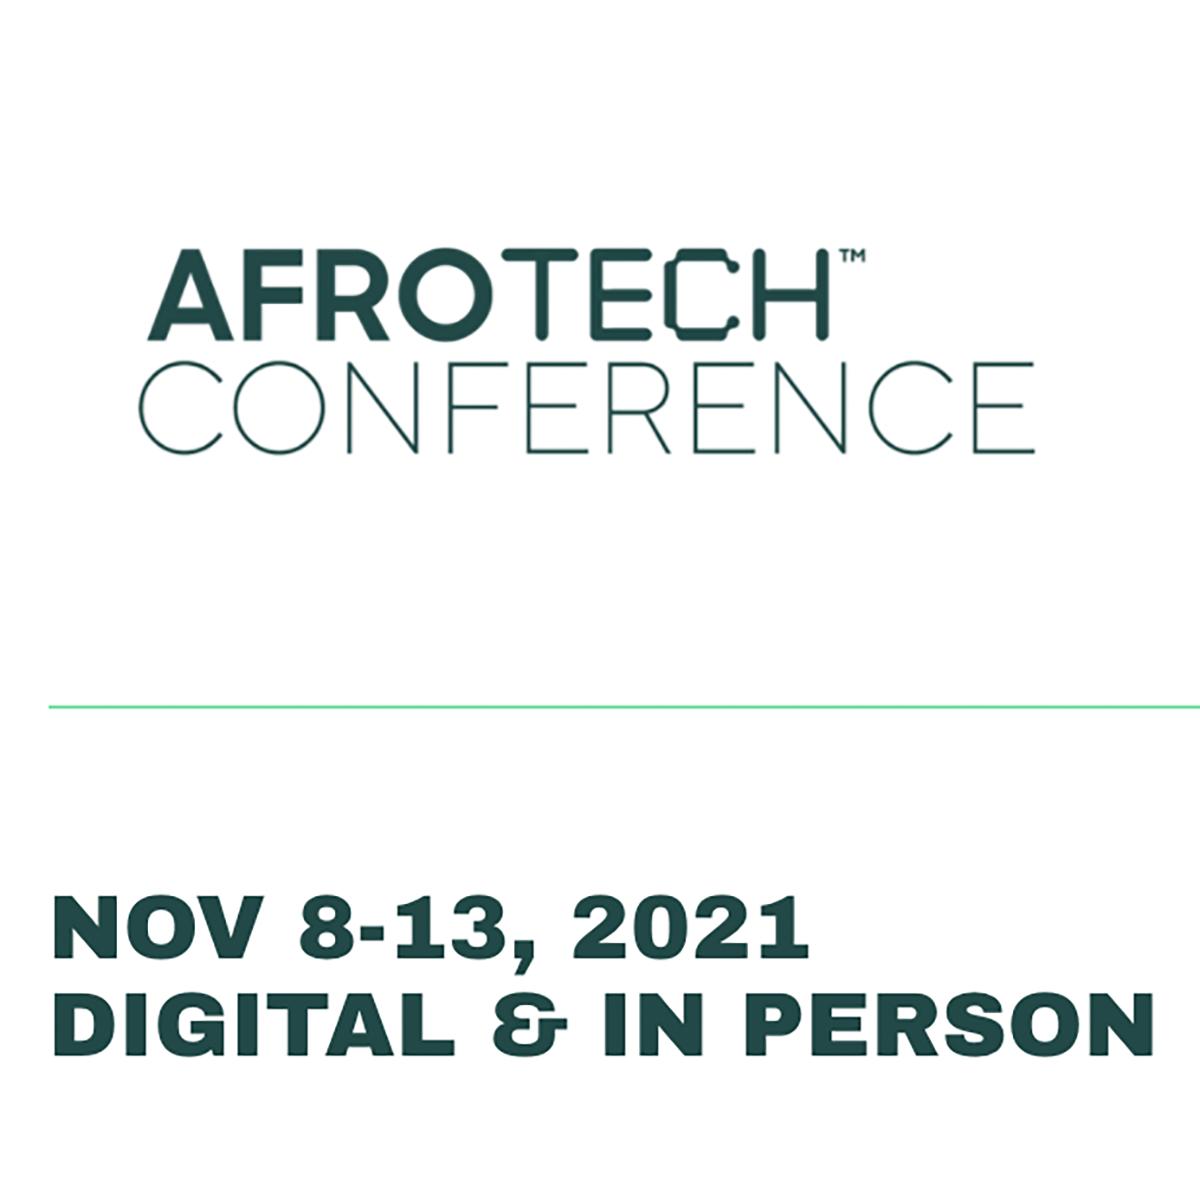 screenshot via afrotech.com